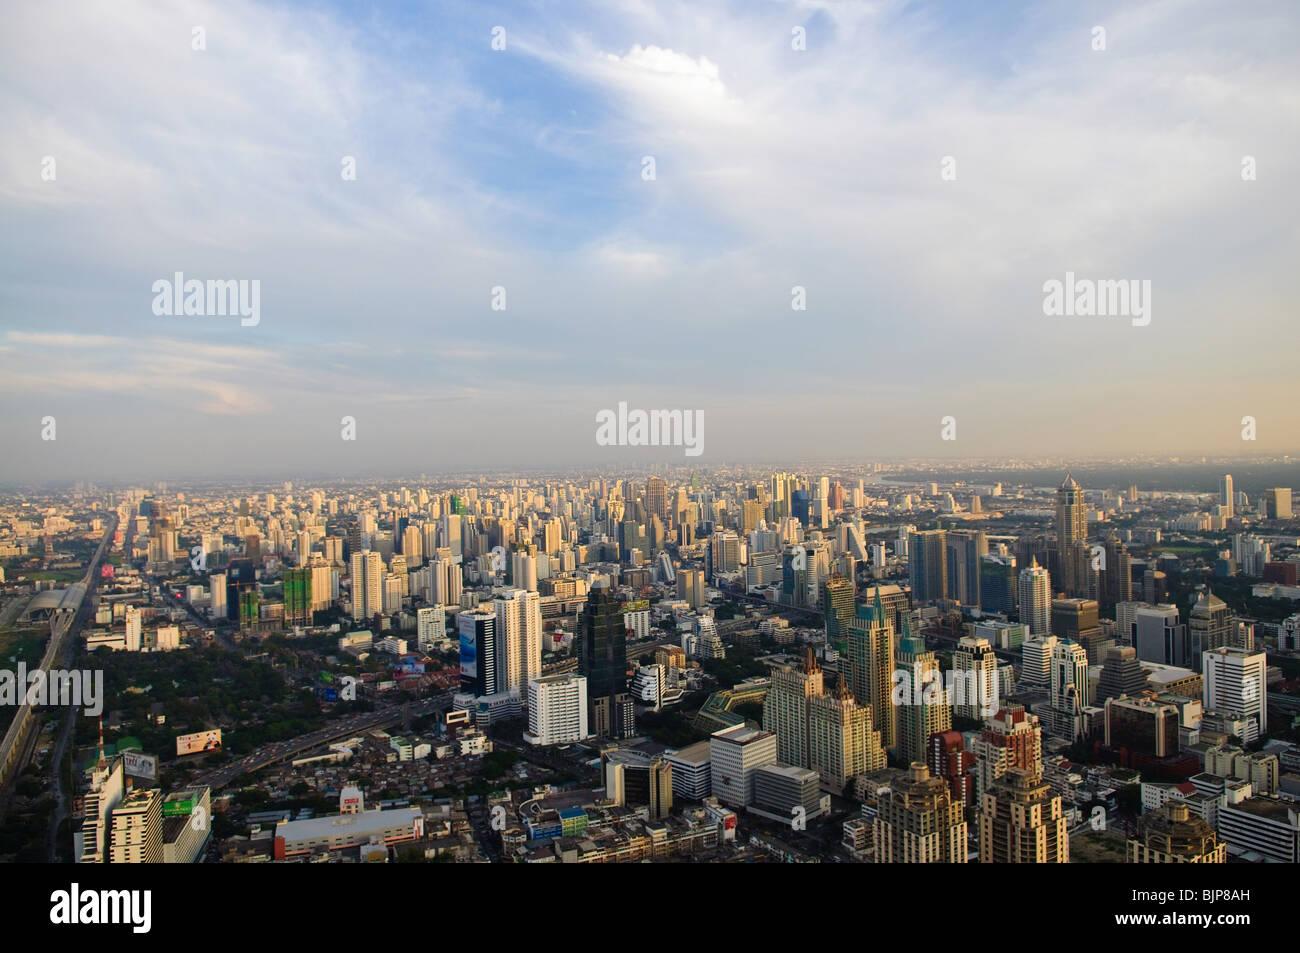 Perfil de la ciudad al atardecer. Bangkok, Tailandia Imagen De Stock